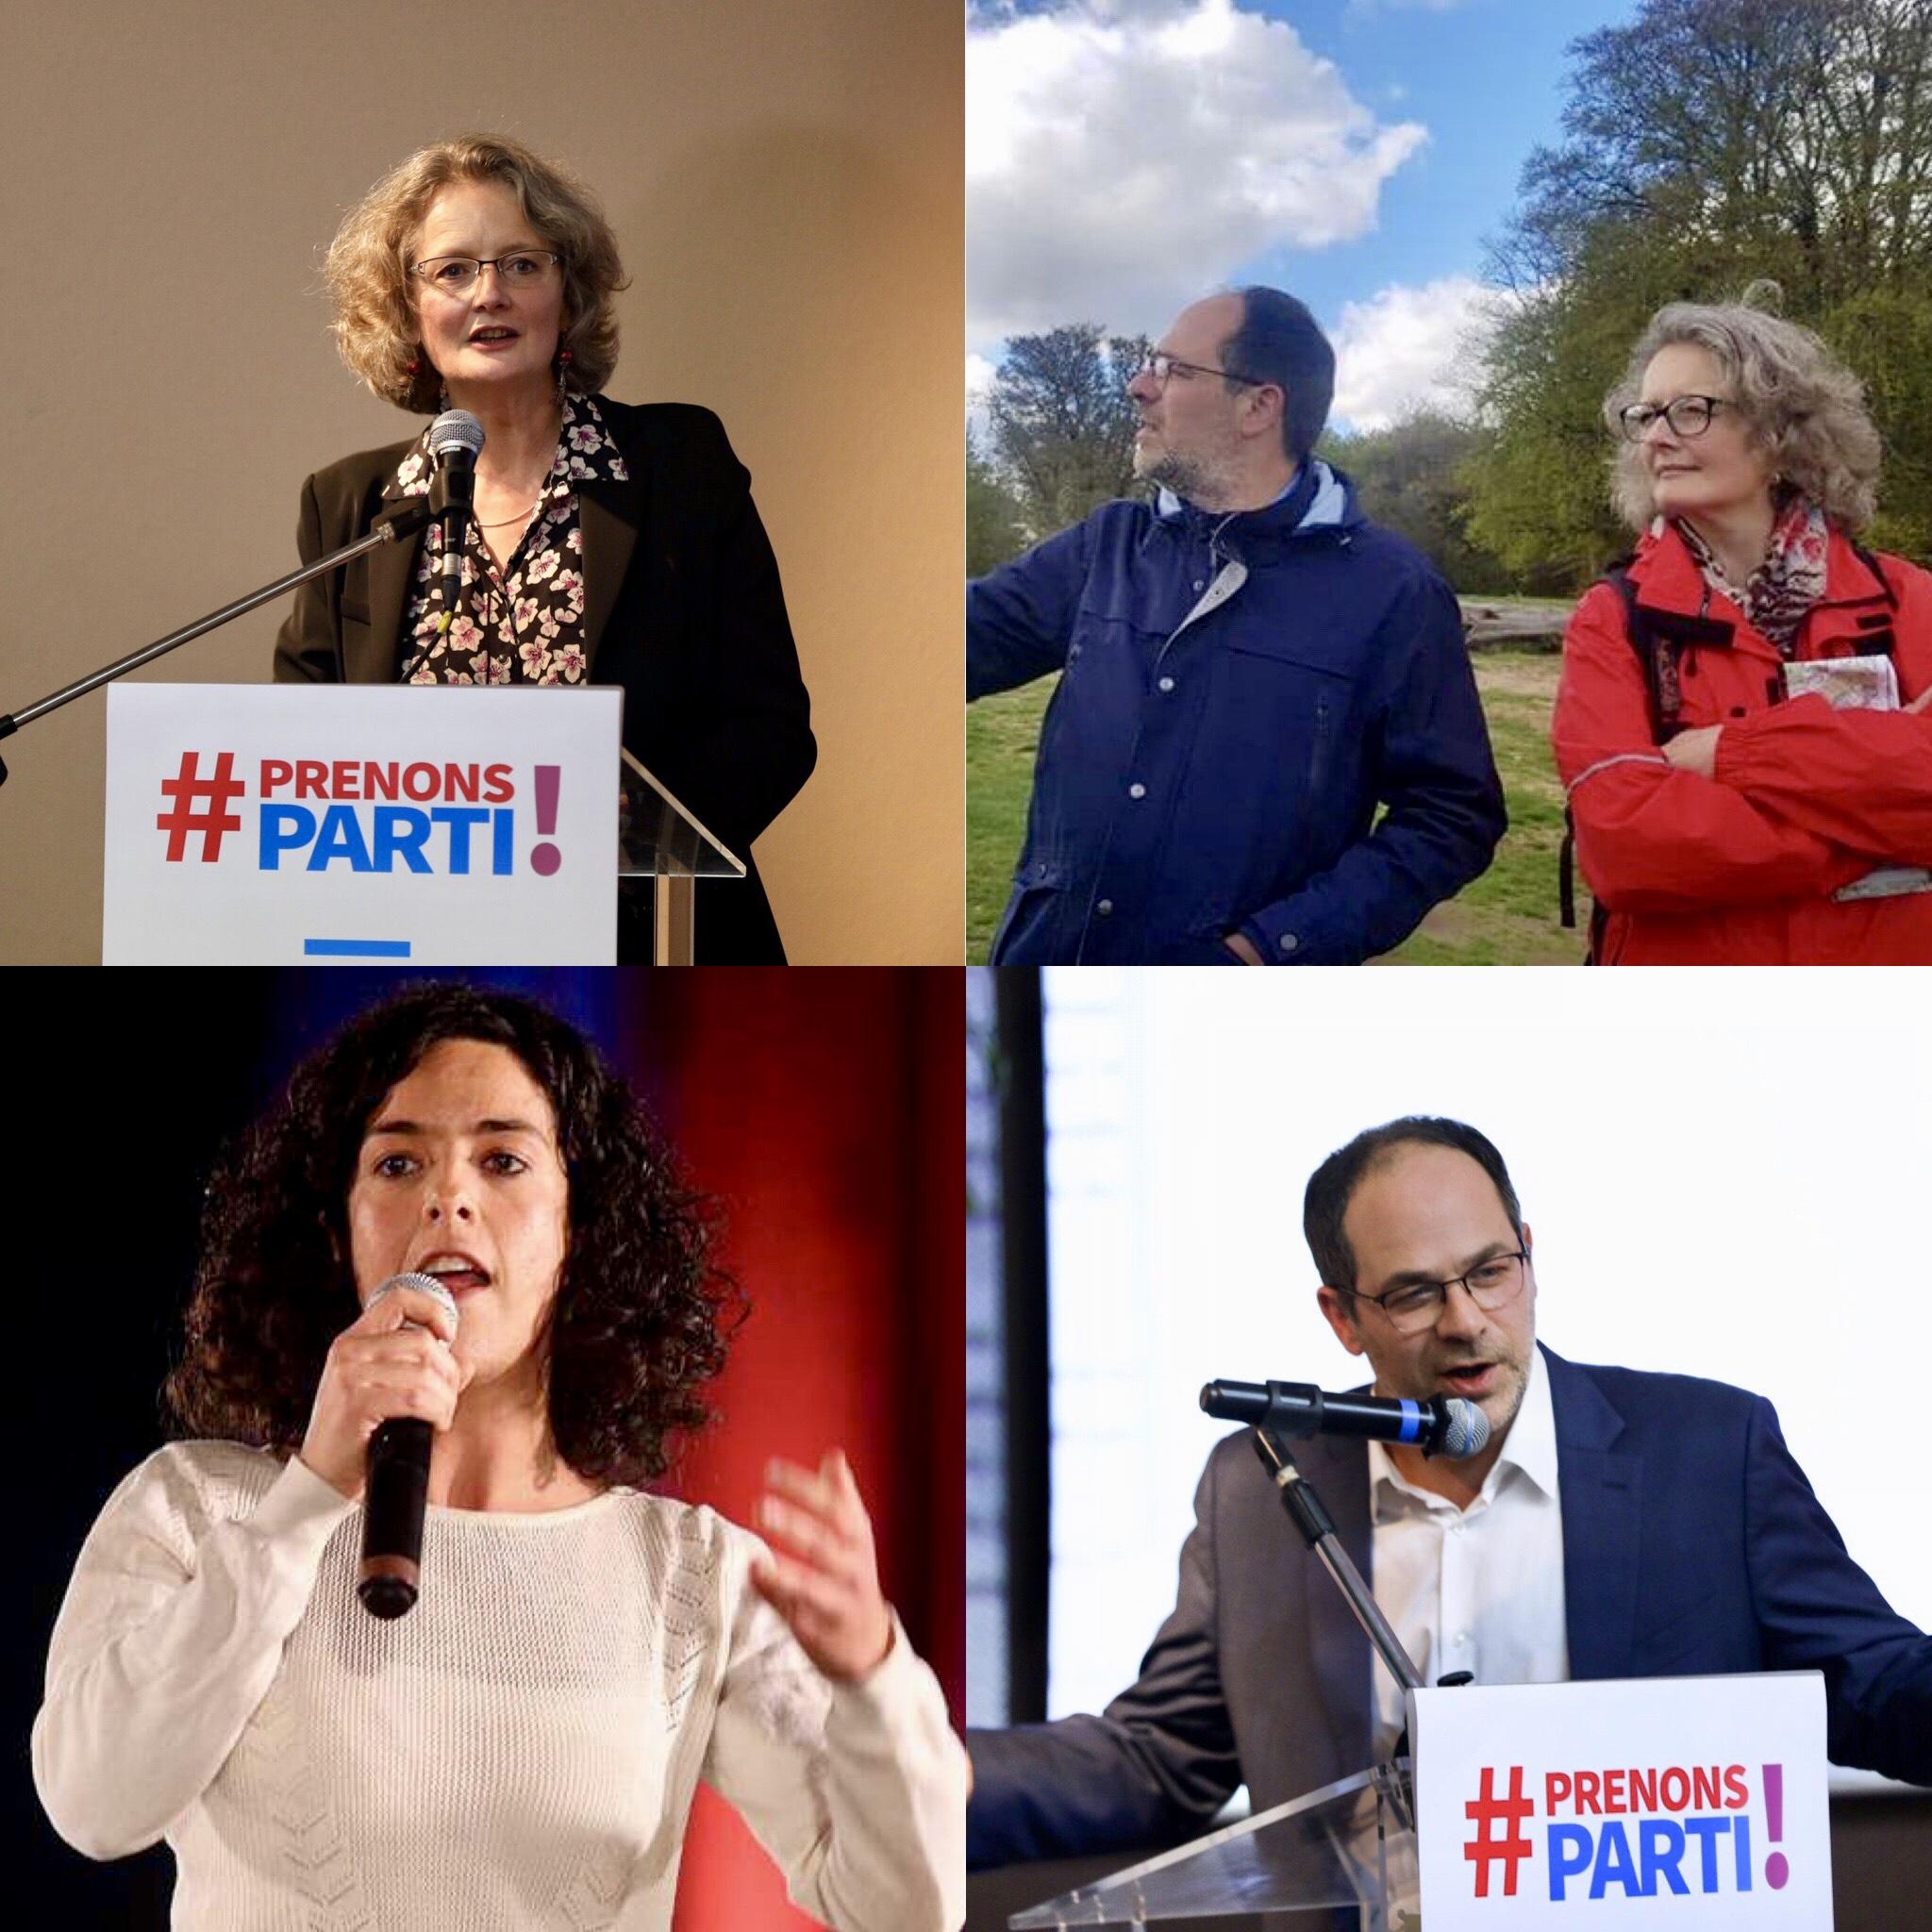 Élection européenne du 26 mai 2019 : 10 bonnes raisons de voter pour la liste conduite par Manon Aubry